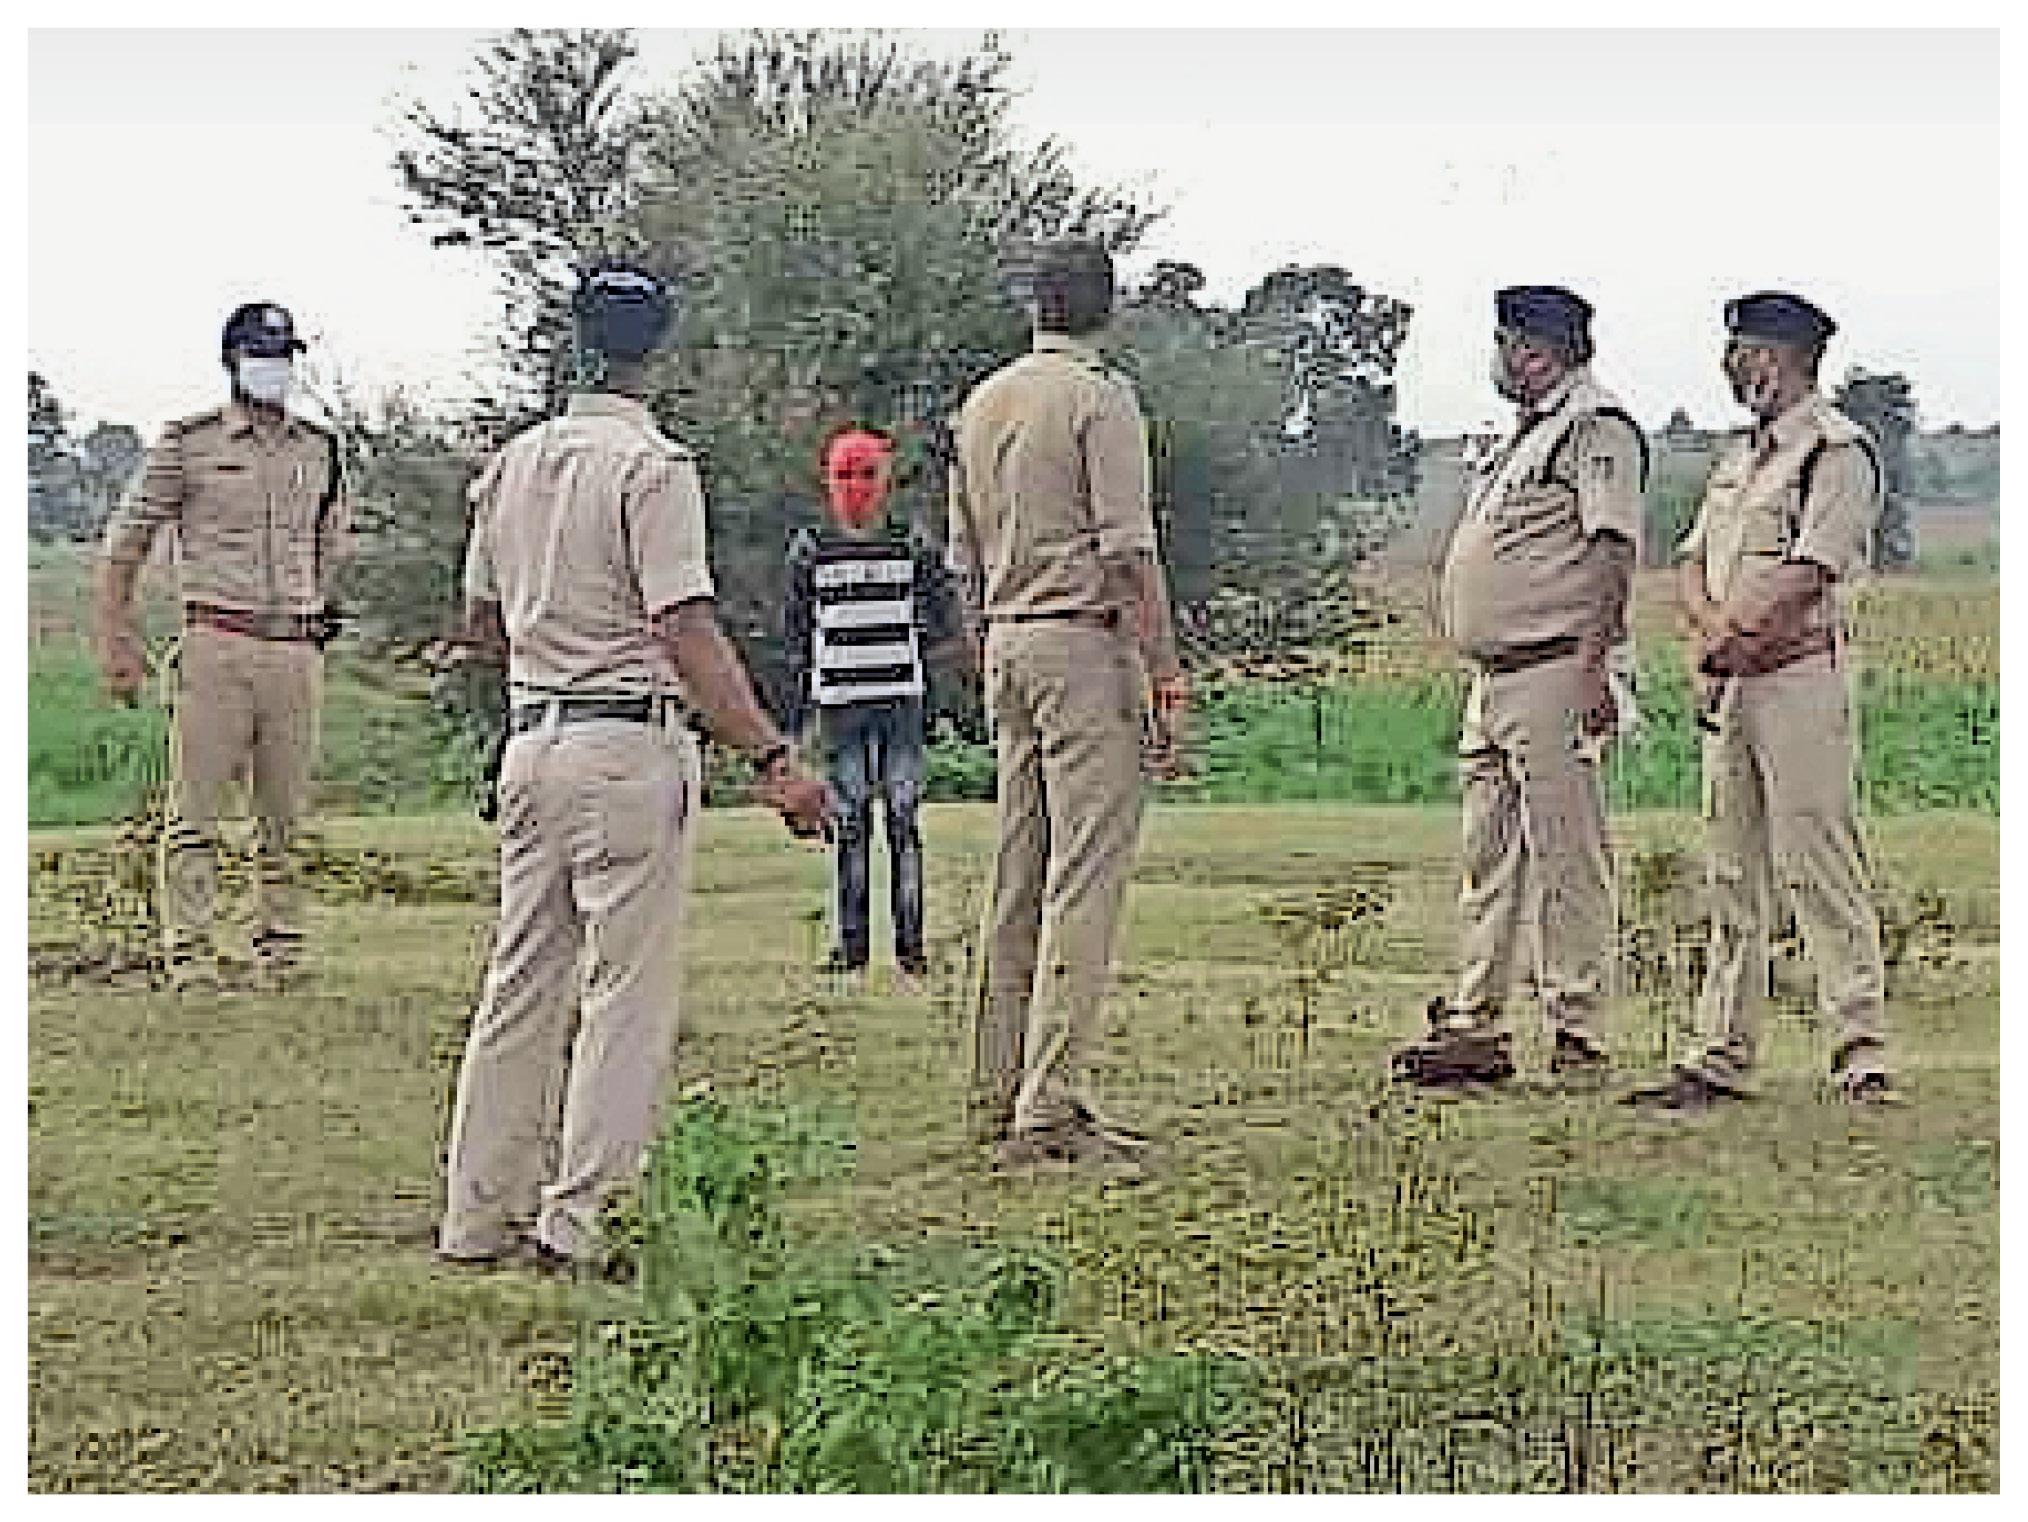 घटनास्थल का मुआयना करते पुलिसकर्मी, इस स्थान पर ही नाबालिग के साथ दुष्कर्म किया गया था।